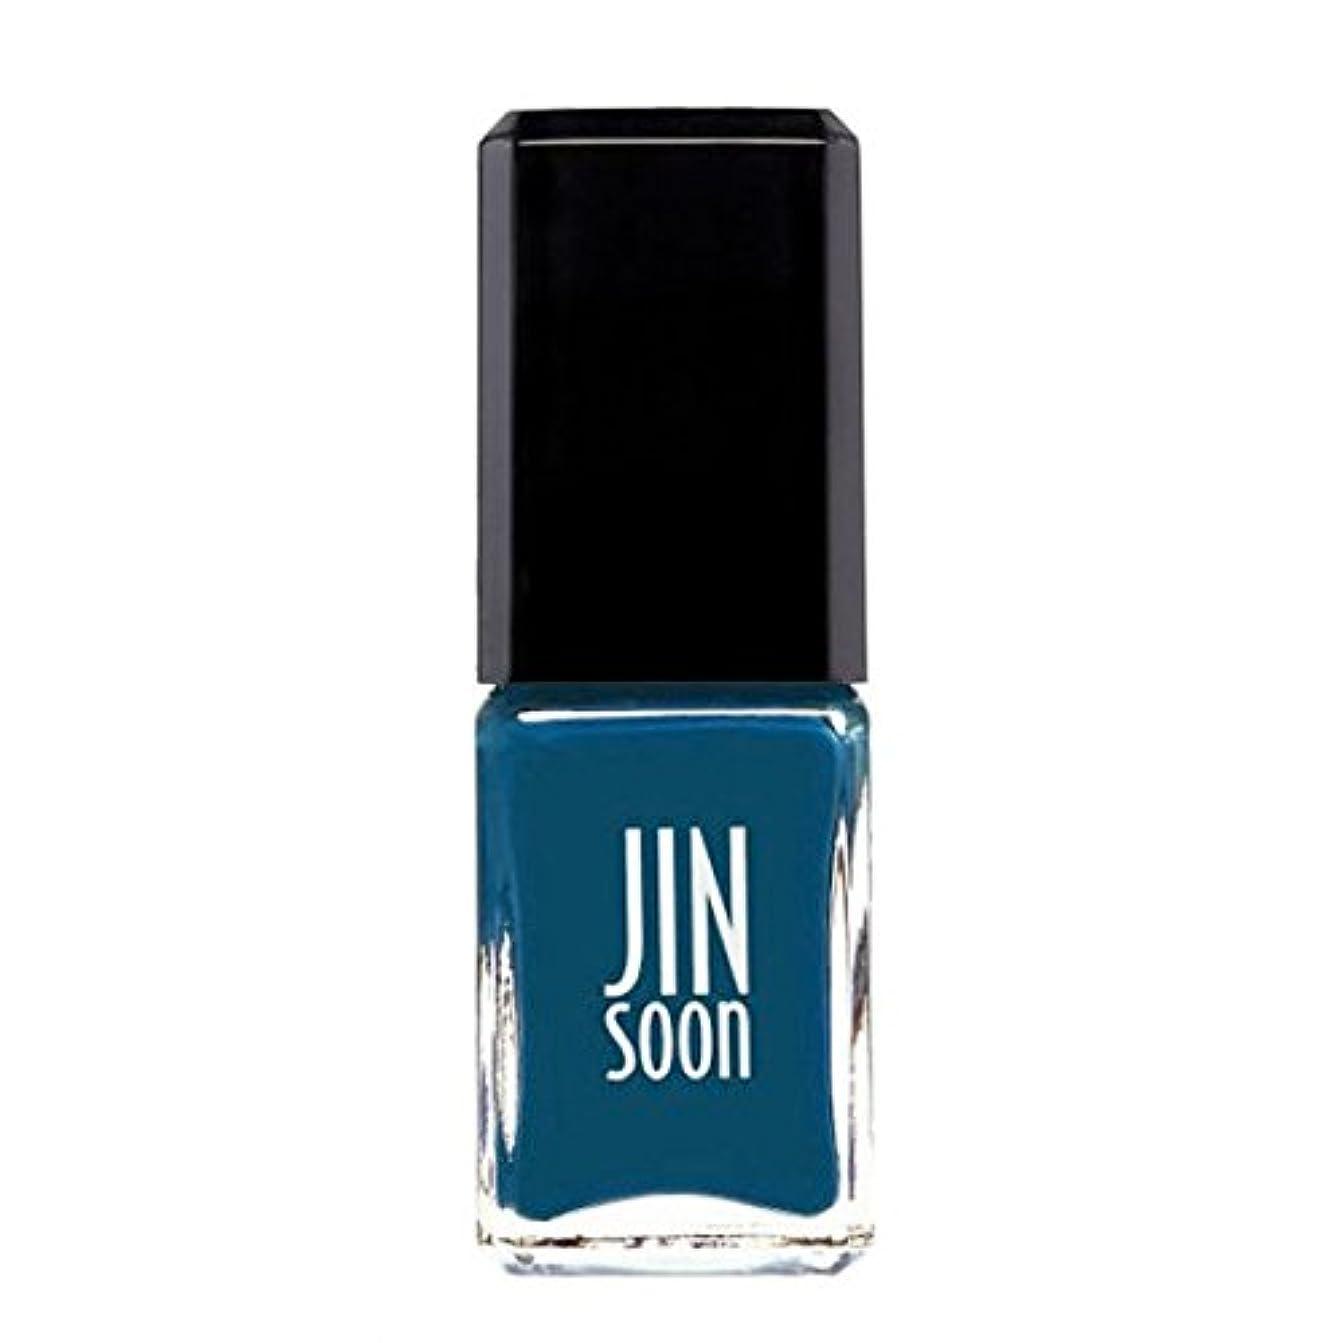 将来の休暇ムス[ジンスーン] [ jinsoon] ボウ(ティールブルー) BEAU ジンスーン 5フリー ネイルポリッシュ ネイルカラー系統:ティールブルー teal blue 11mL